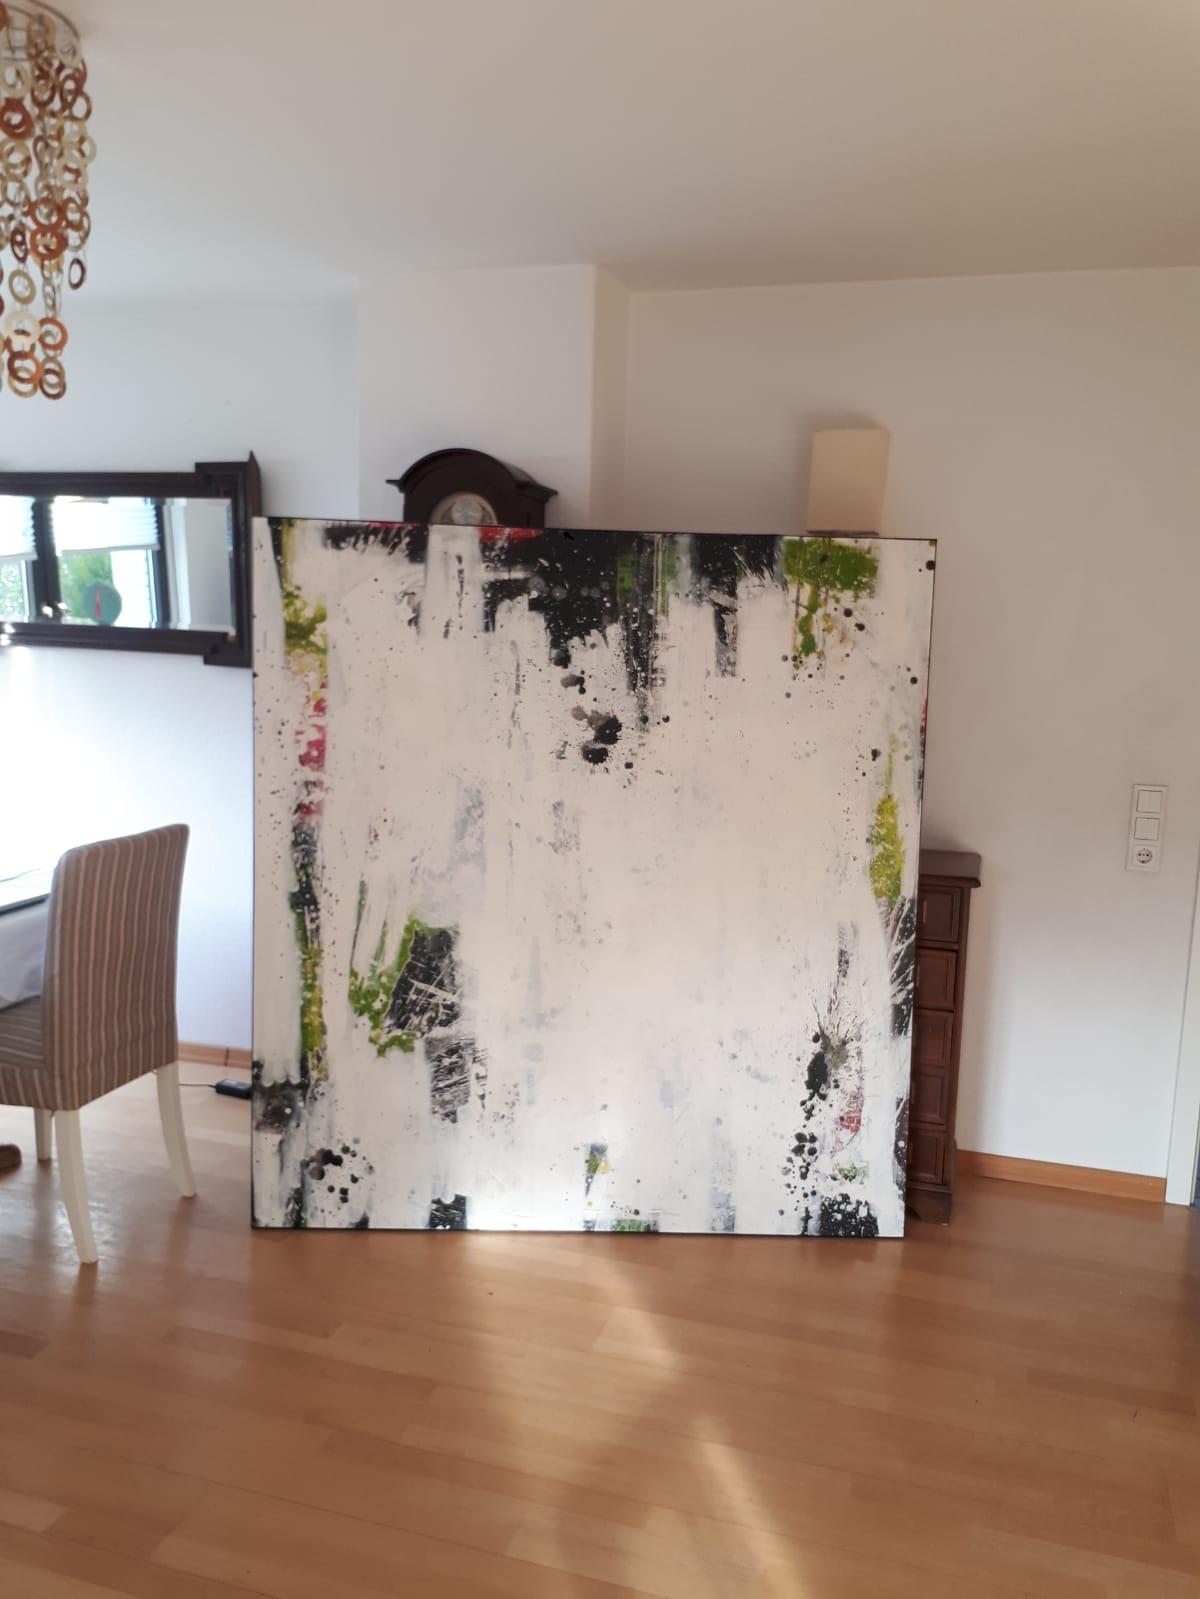 Gemälde weisse abstrakte Spachtelarbeit